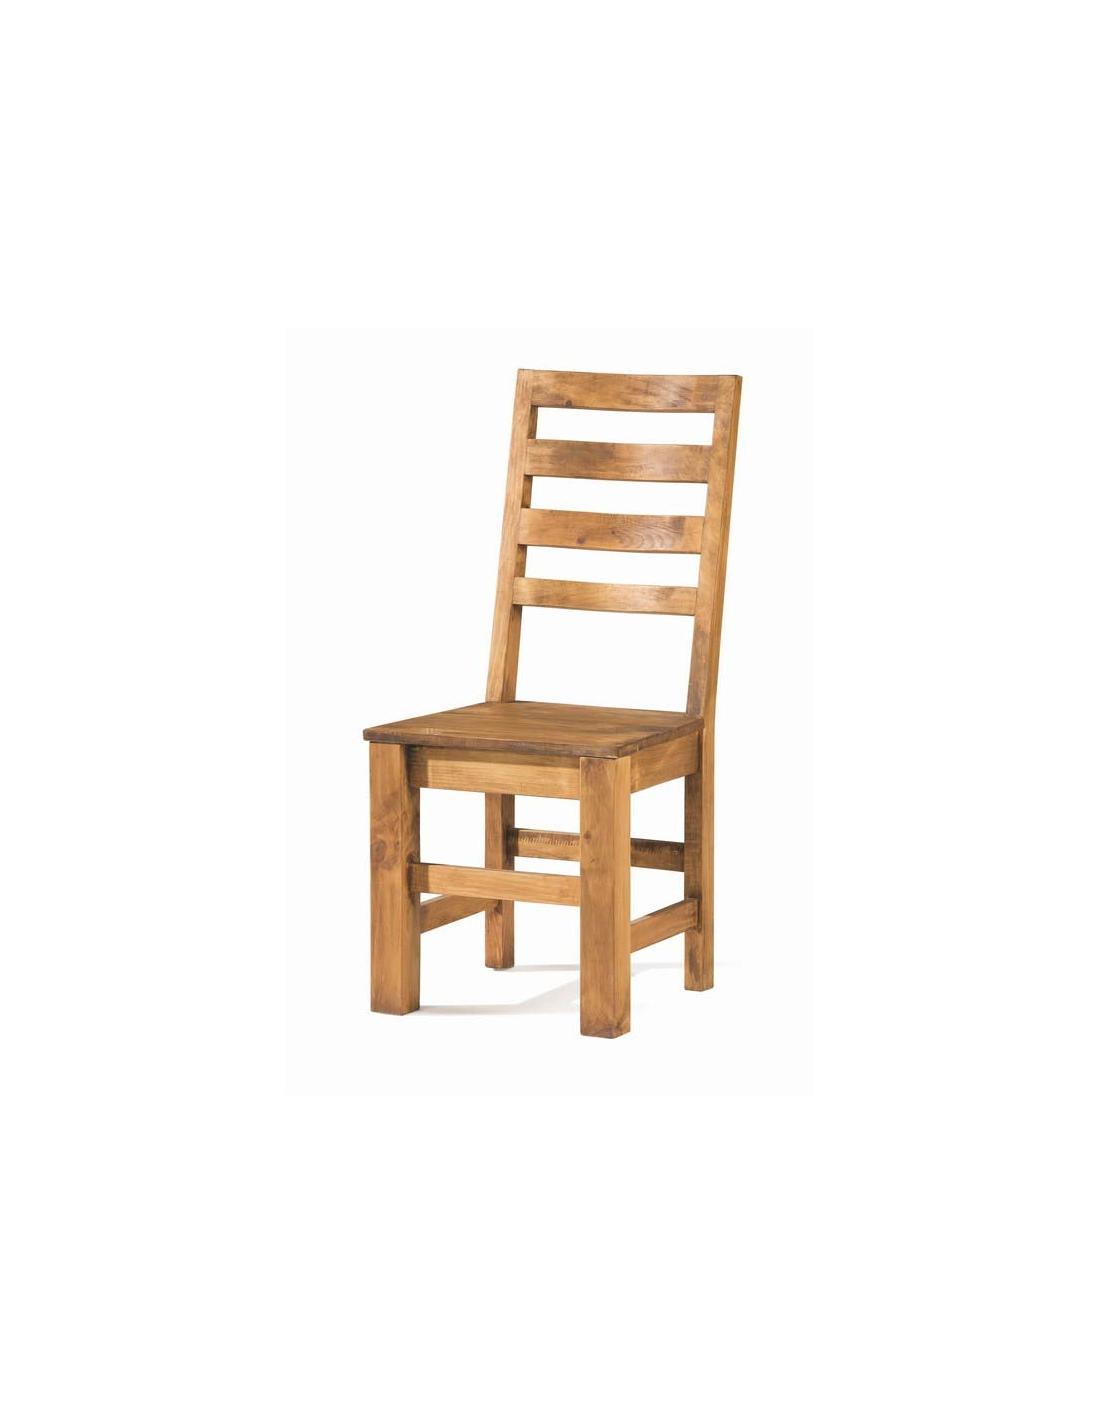 Comprar silla de comedor de estilo rustico 50031 zoom